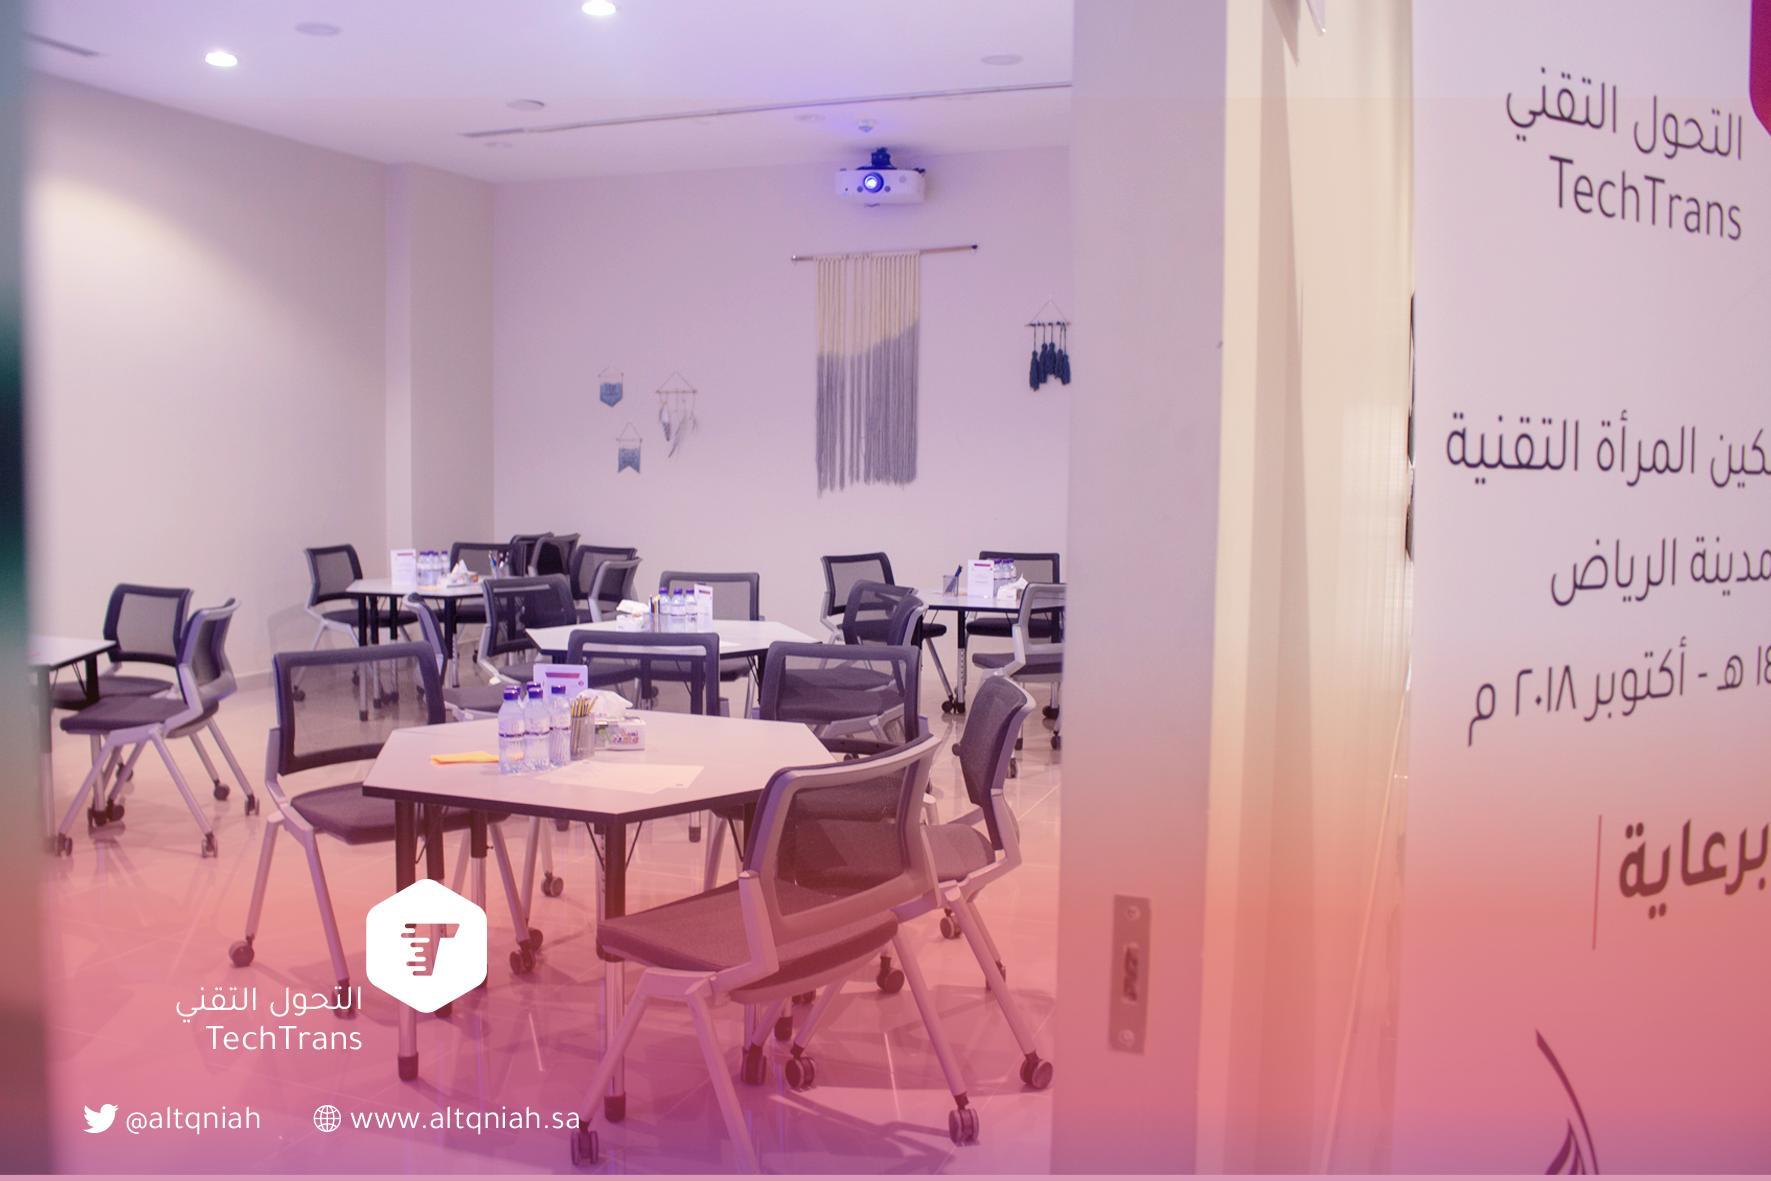 التحول التقني تبدأ في تمكين المرأة التقنية في القطاع غير الربحي